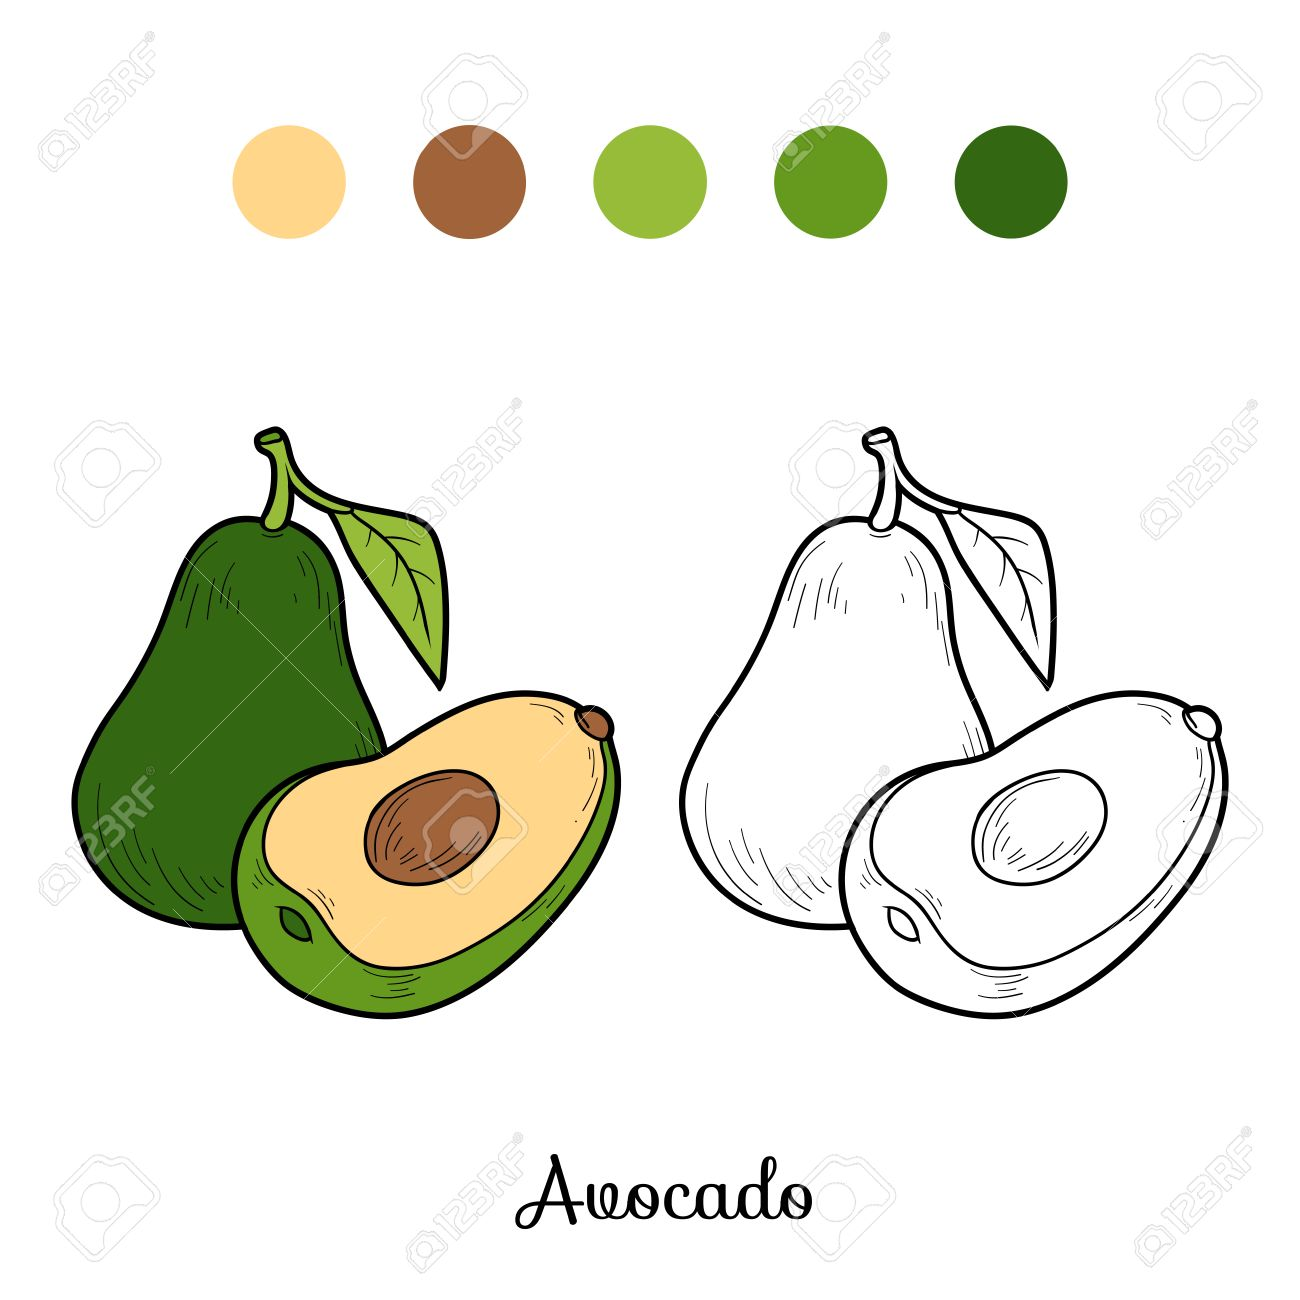 Juego Libro Para Colorear Para Niños: Frutas Y Vegetales (aguacate ...